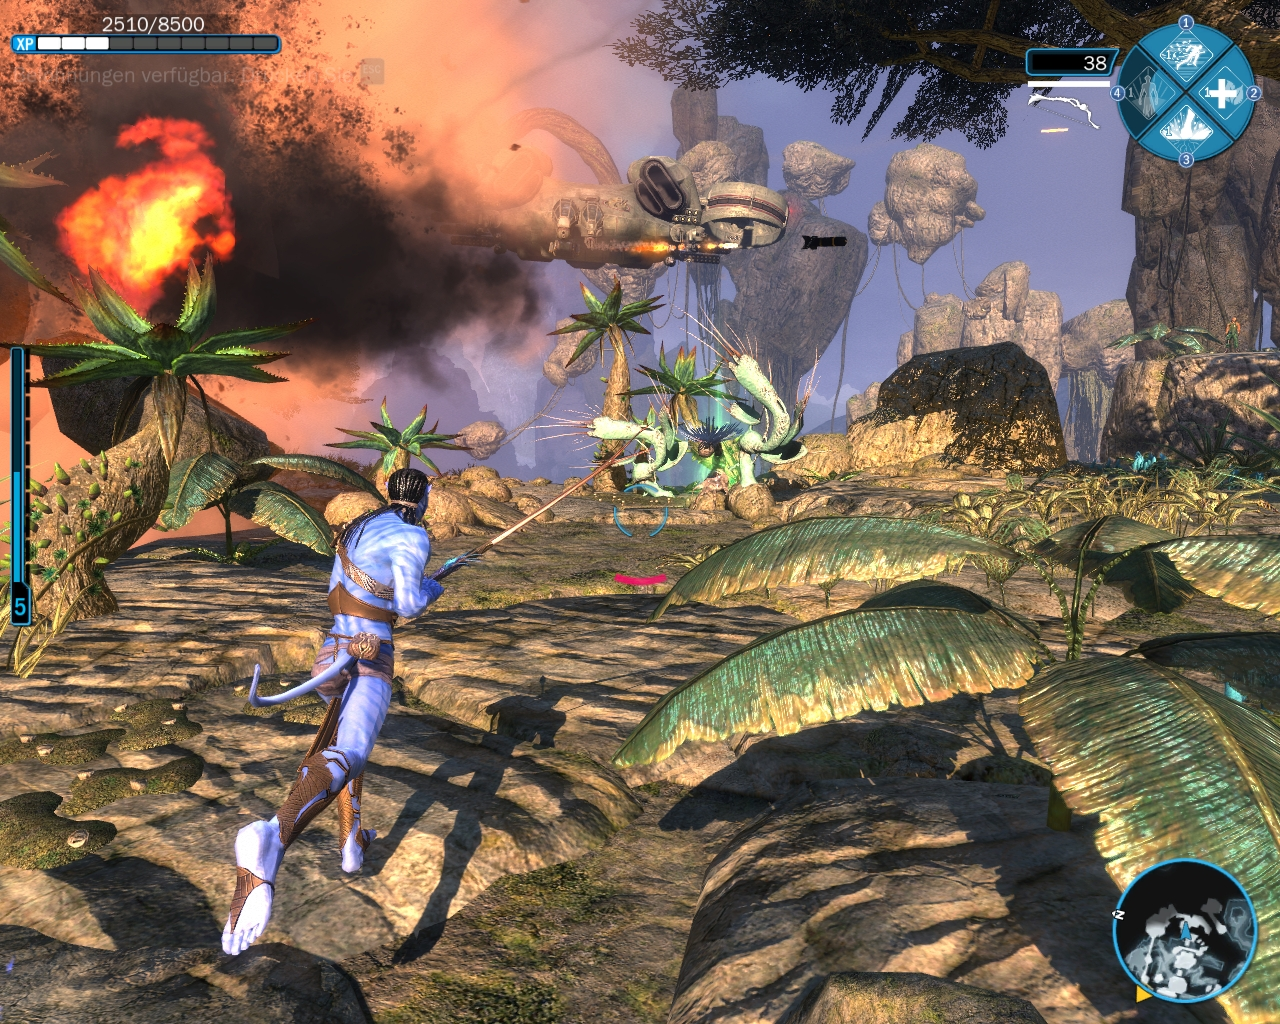 Avatar Spiele Kostenlos